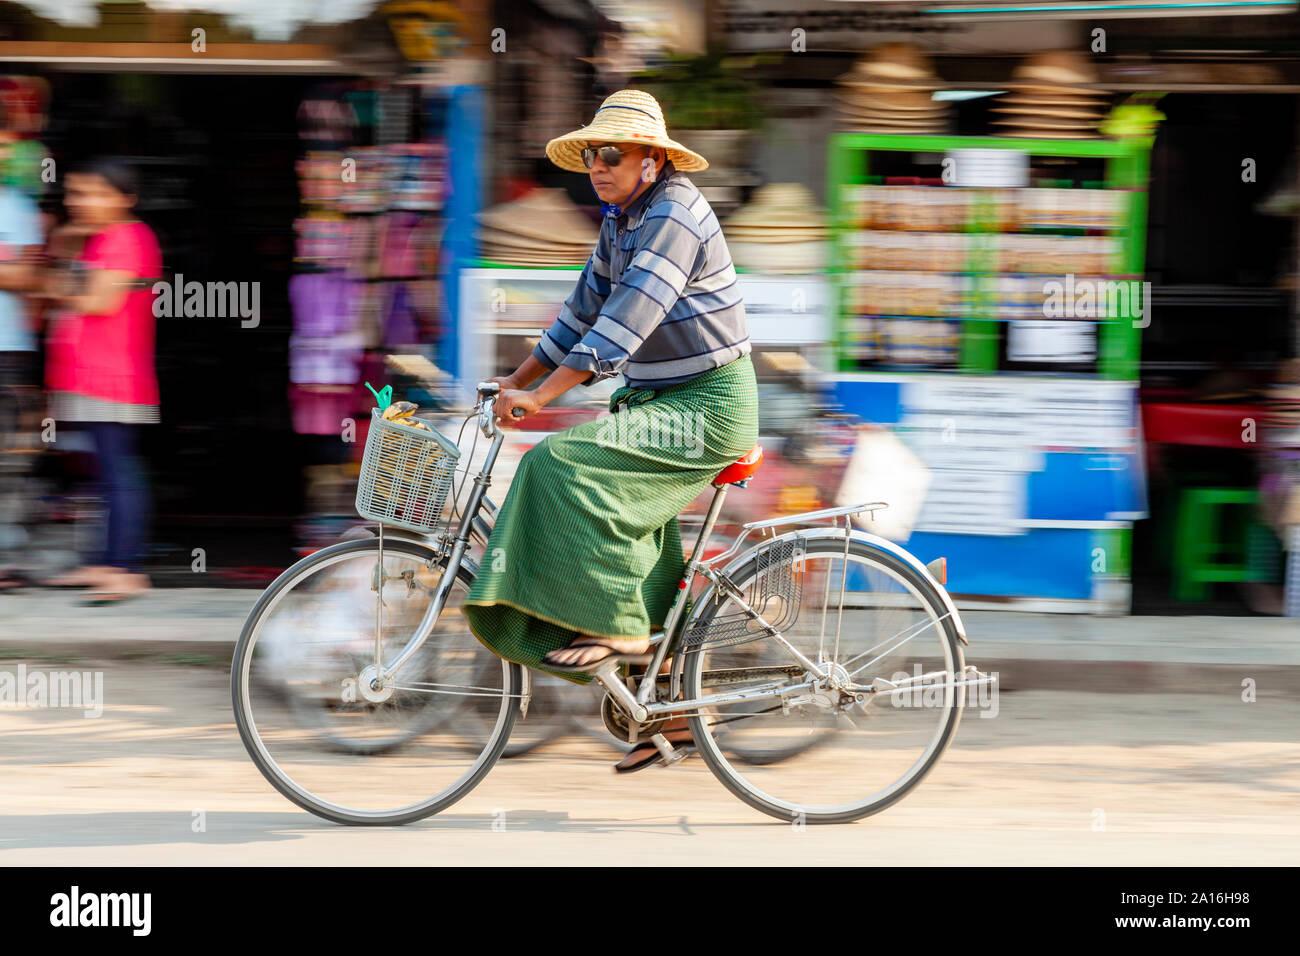 A Senior Burmese Man Wearing A Traditional Longyi Riding A Bicycle Nyaung Shwe Lake Inle Shan State Myanmar Stock Photo Alamy